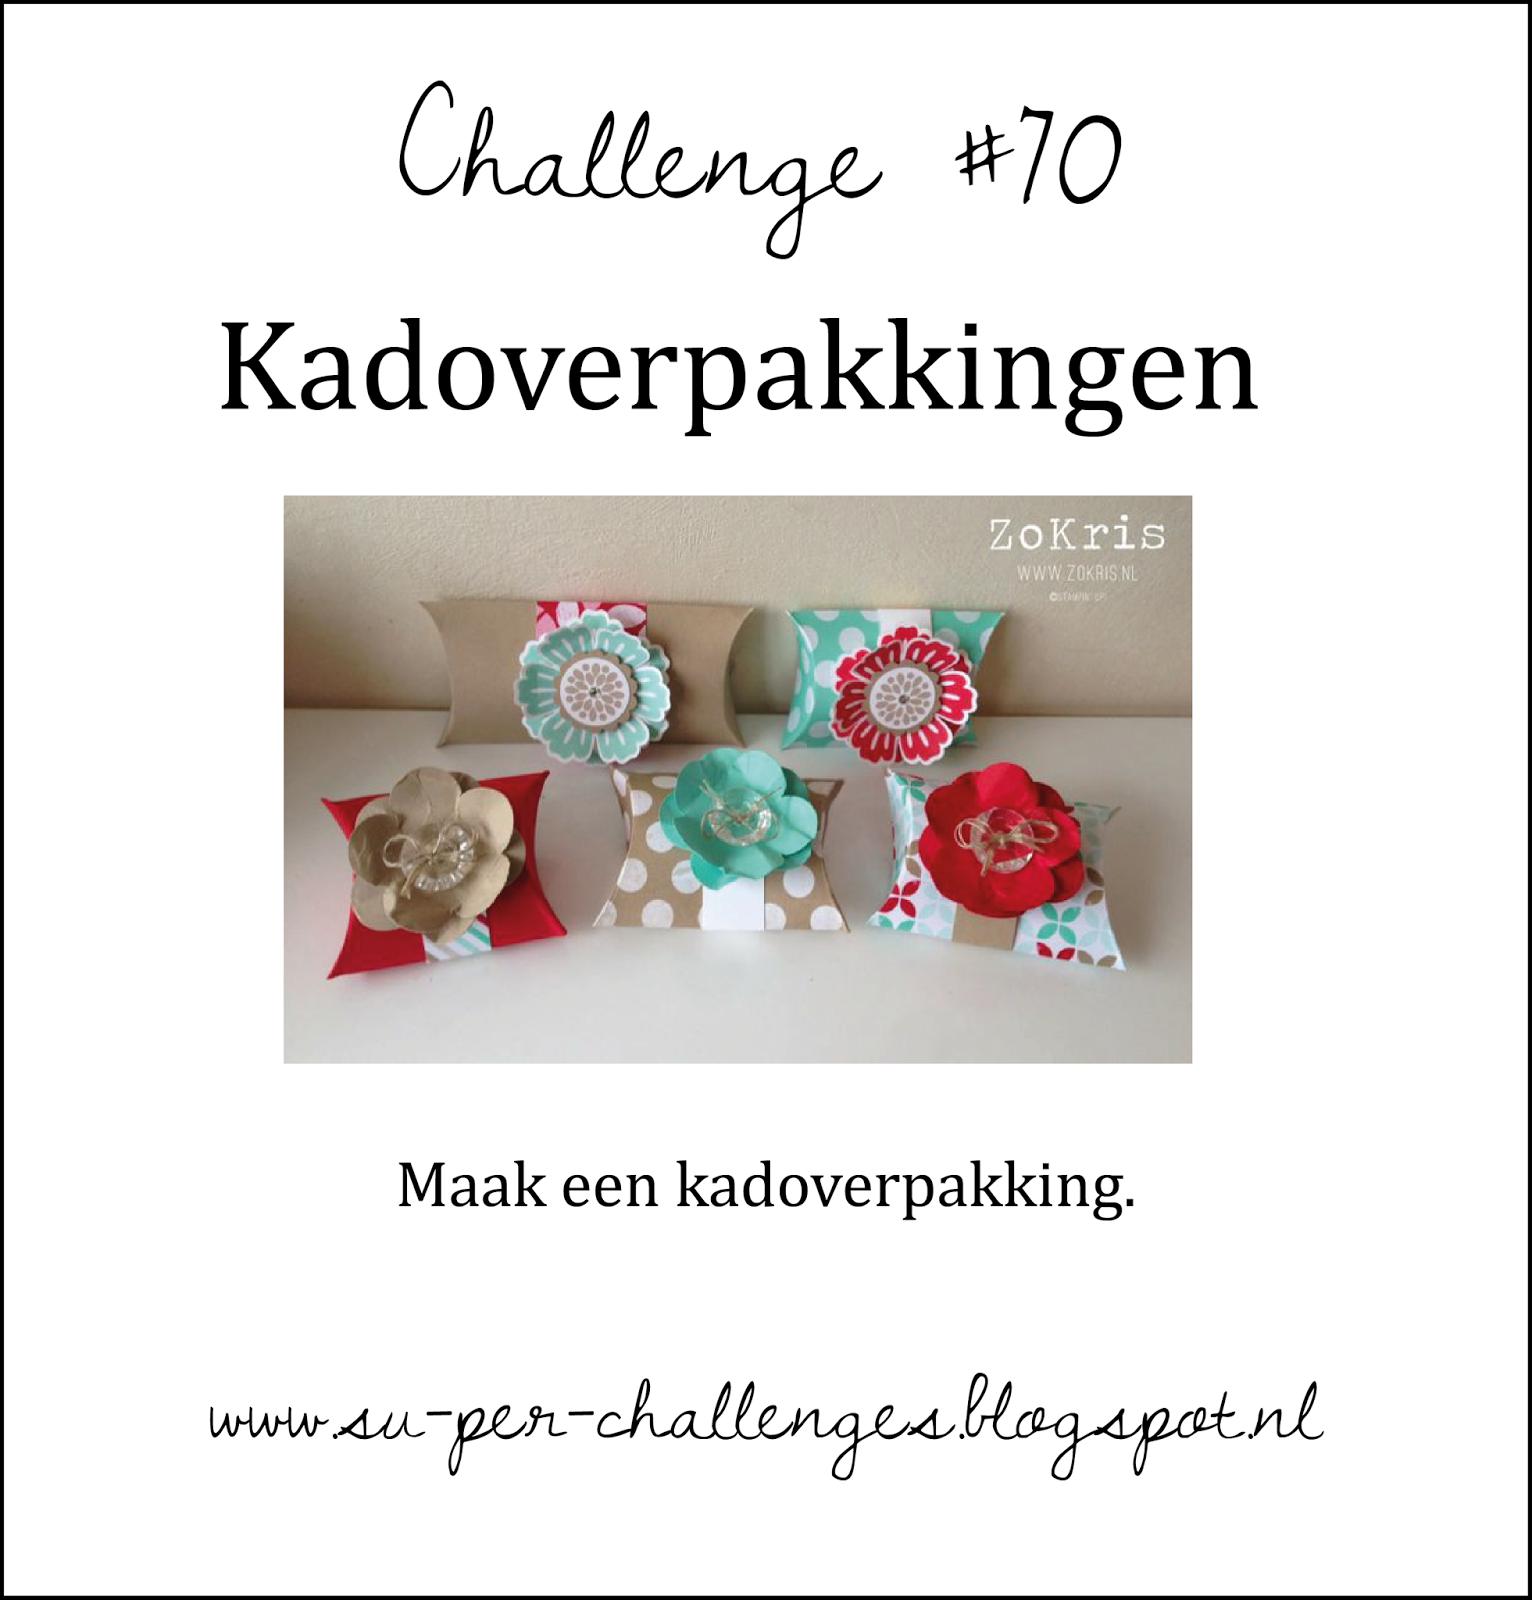 http://su-per-challenges.blogspot.nl/2014/12/challenge-70-kadoverpakkingen.html